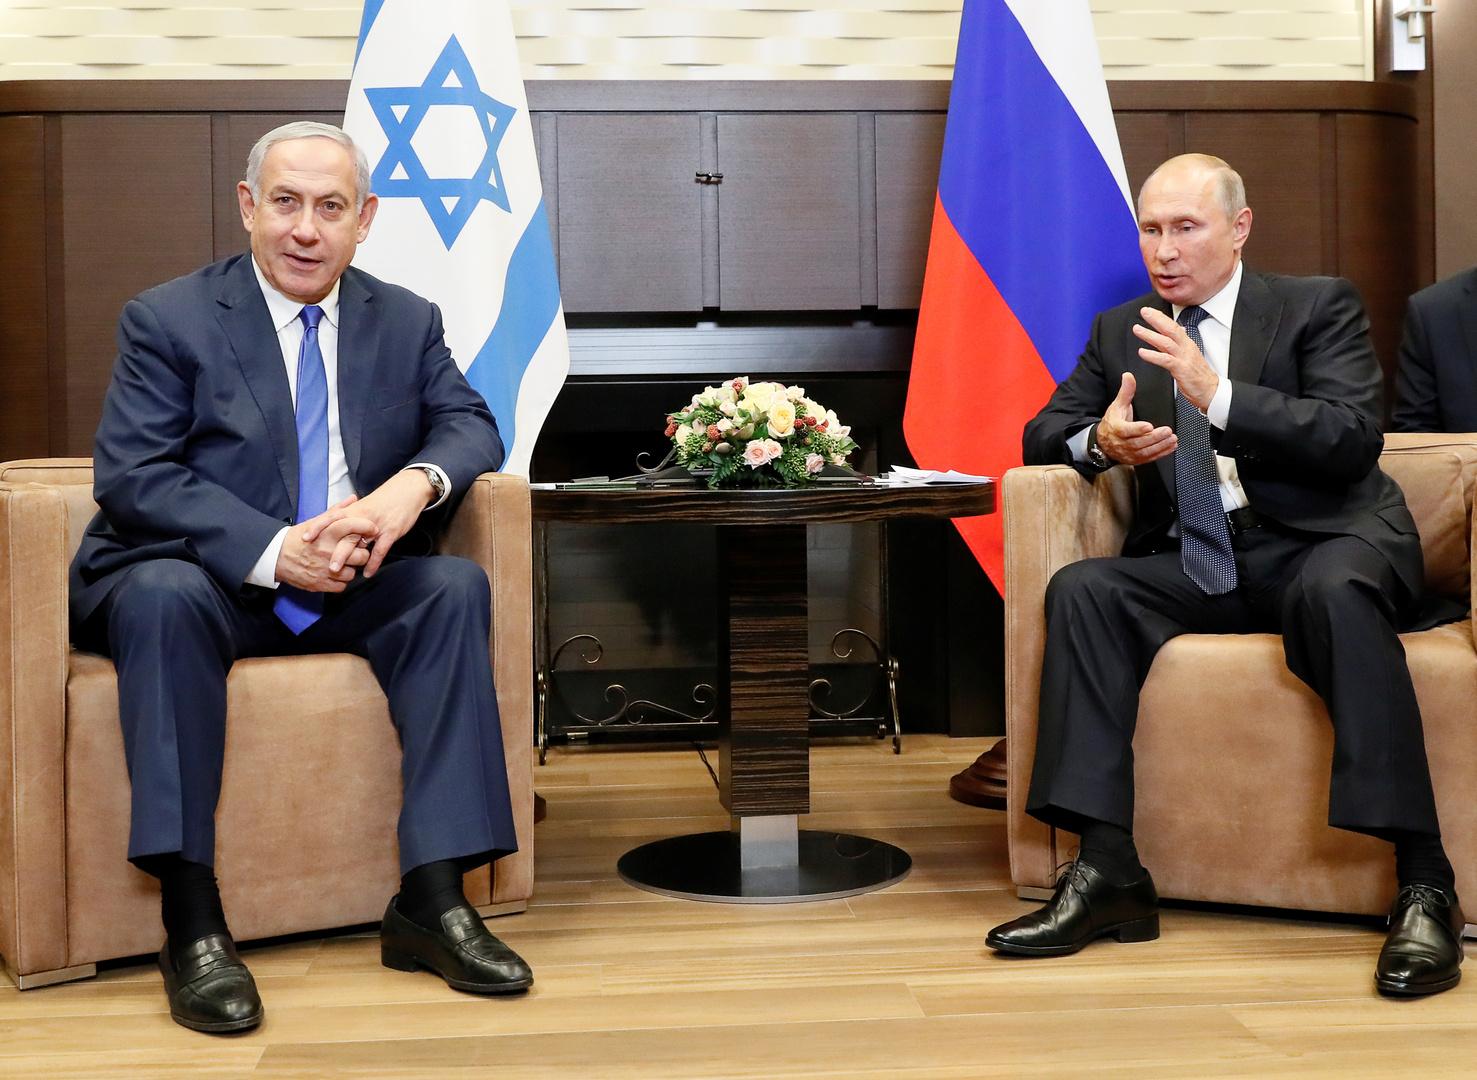 بوتين يبحث مع نتنياهو في اتصال هاتفي التطورات الإقليمية